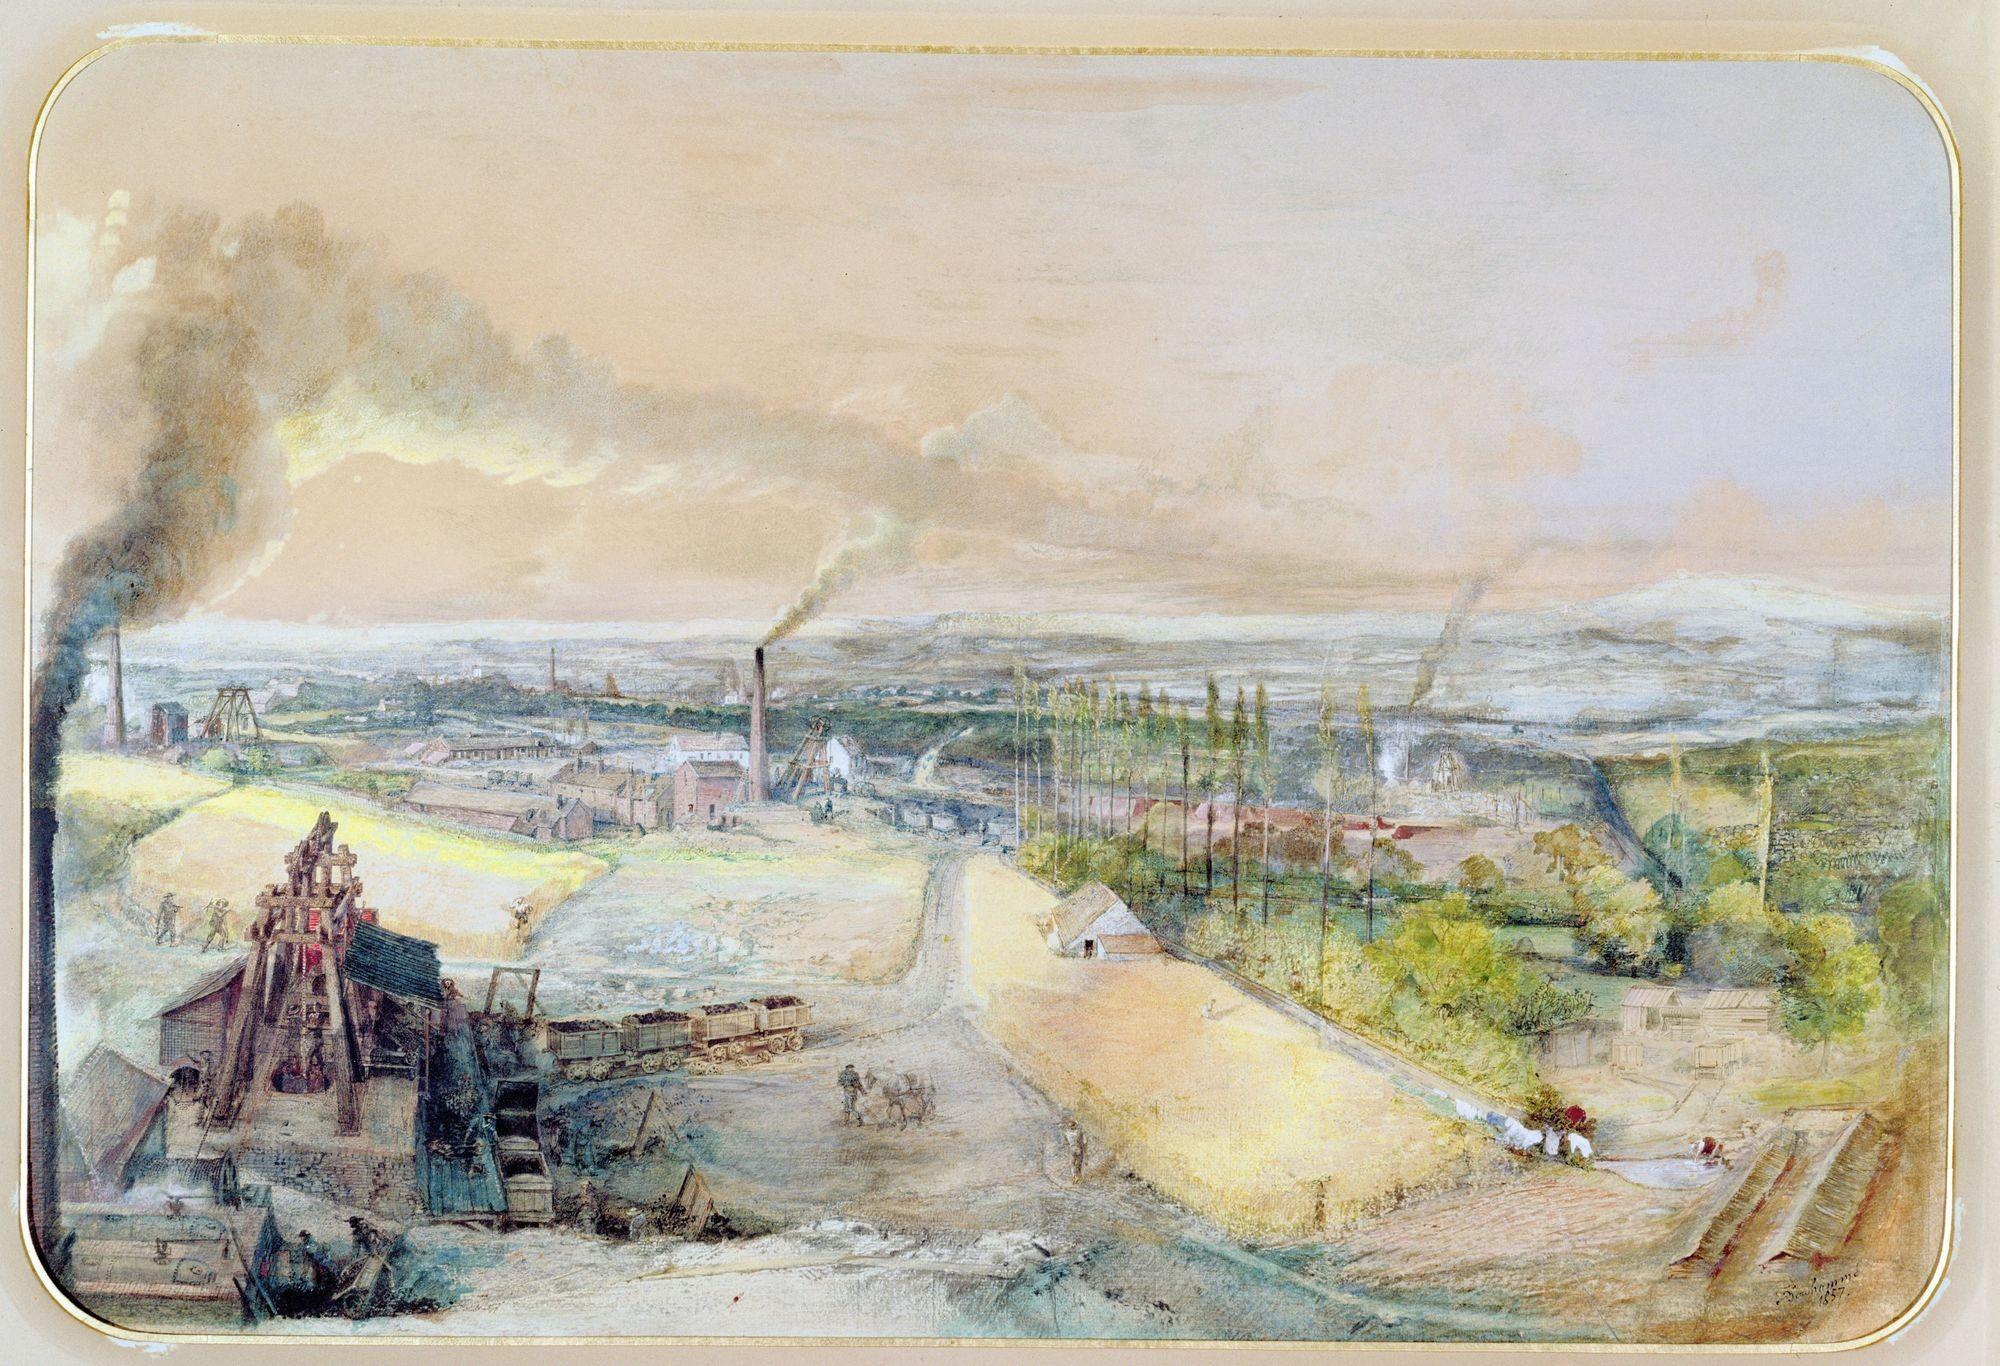 François-Ignace Bonhommé, Mines de houille de Blanzy, 1857, aquarelle sur papier, Conservatoire national des Arts et Métiers, Paris.